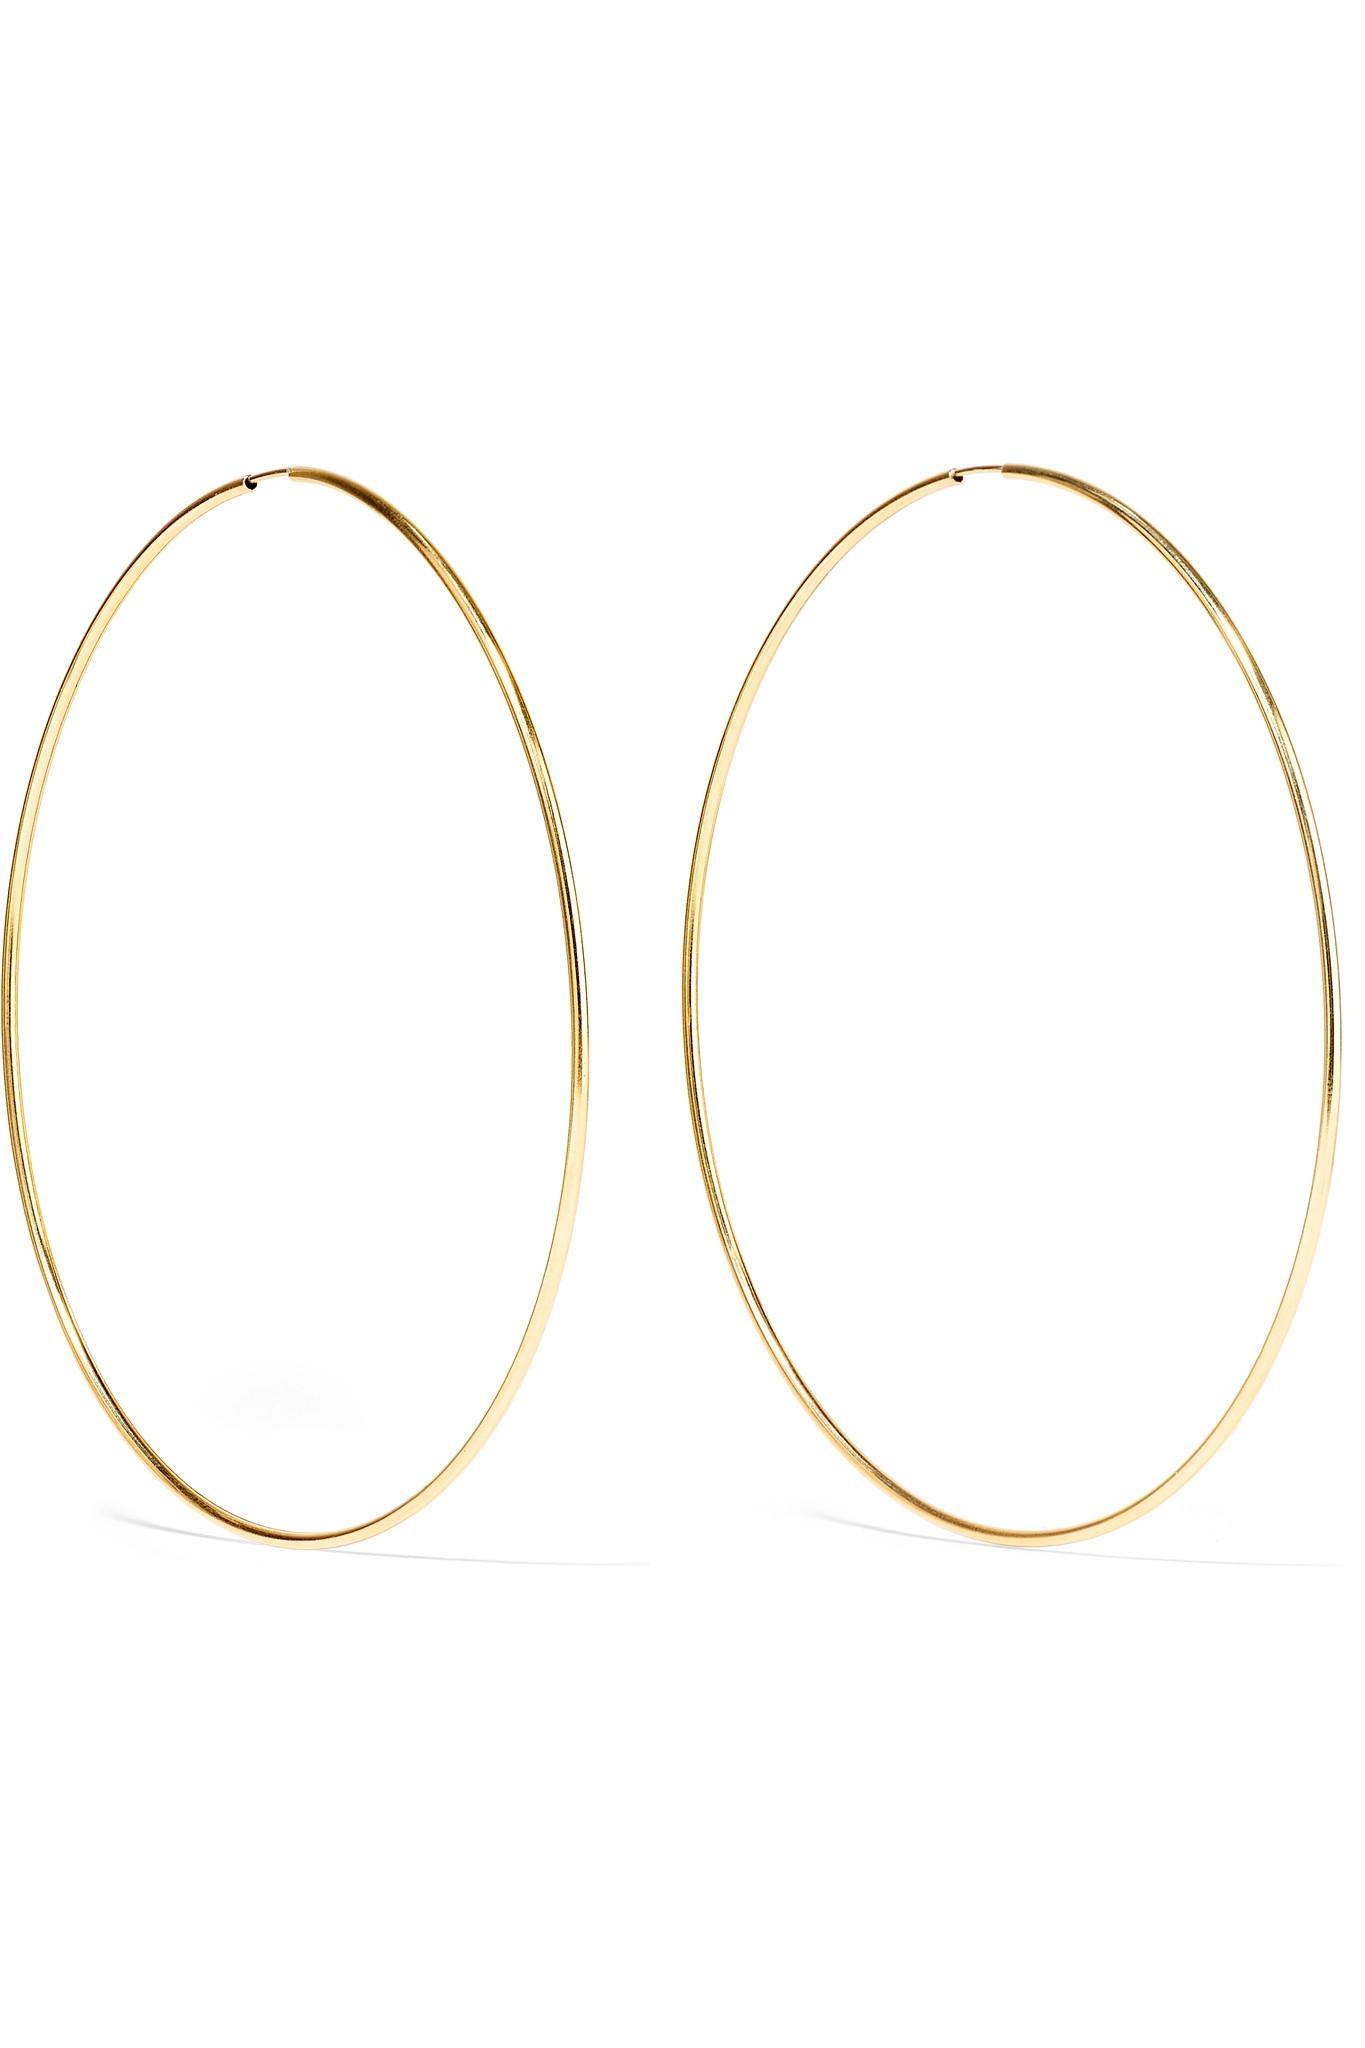 Loren Stewart Infinity 10 Karat Gold Hoop Earrings Gold One Size In